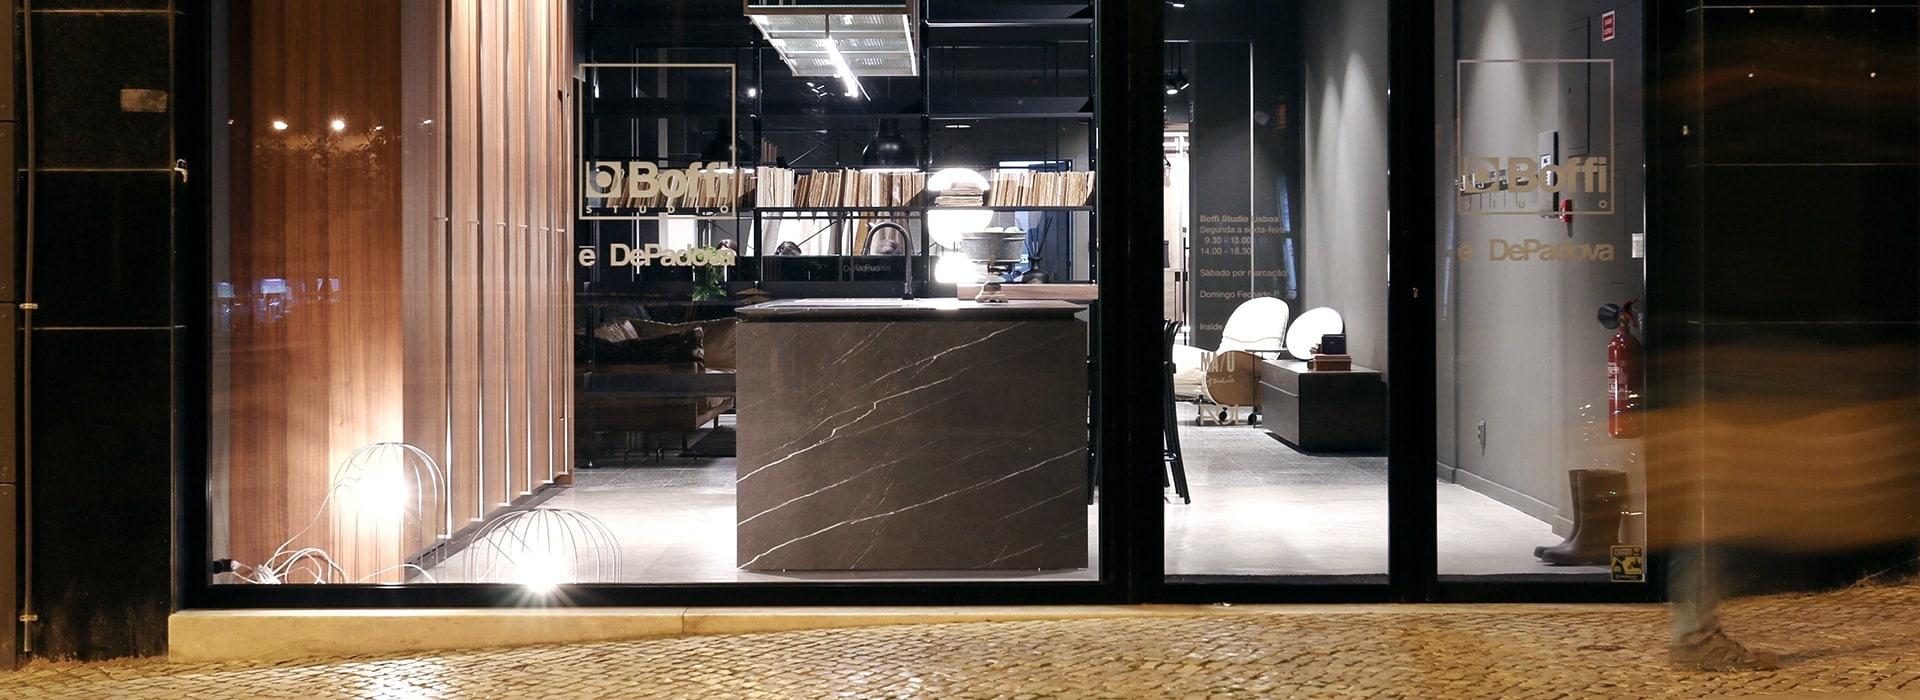 Boffi | De Padova Studio Lisbon